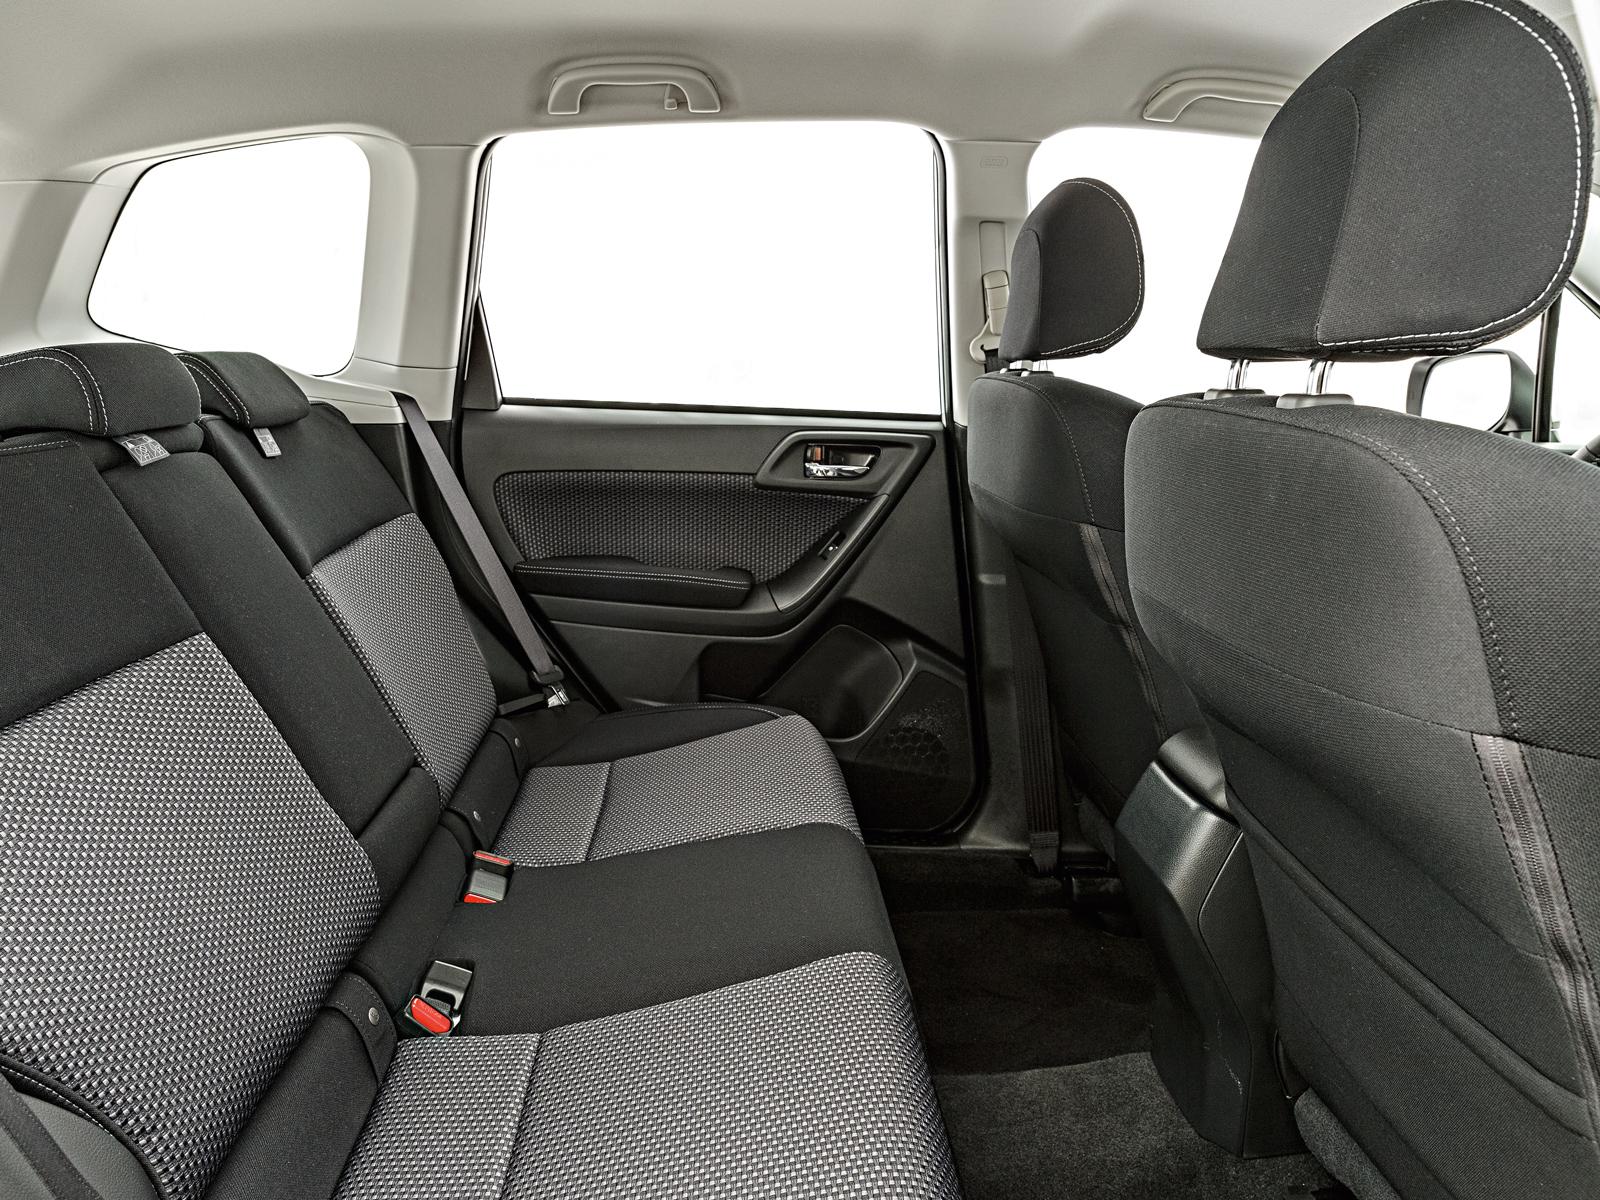 A cabine do SUV acomoda cinco pessoas